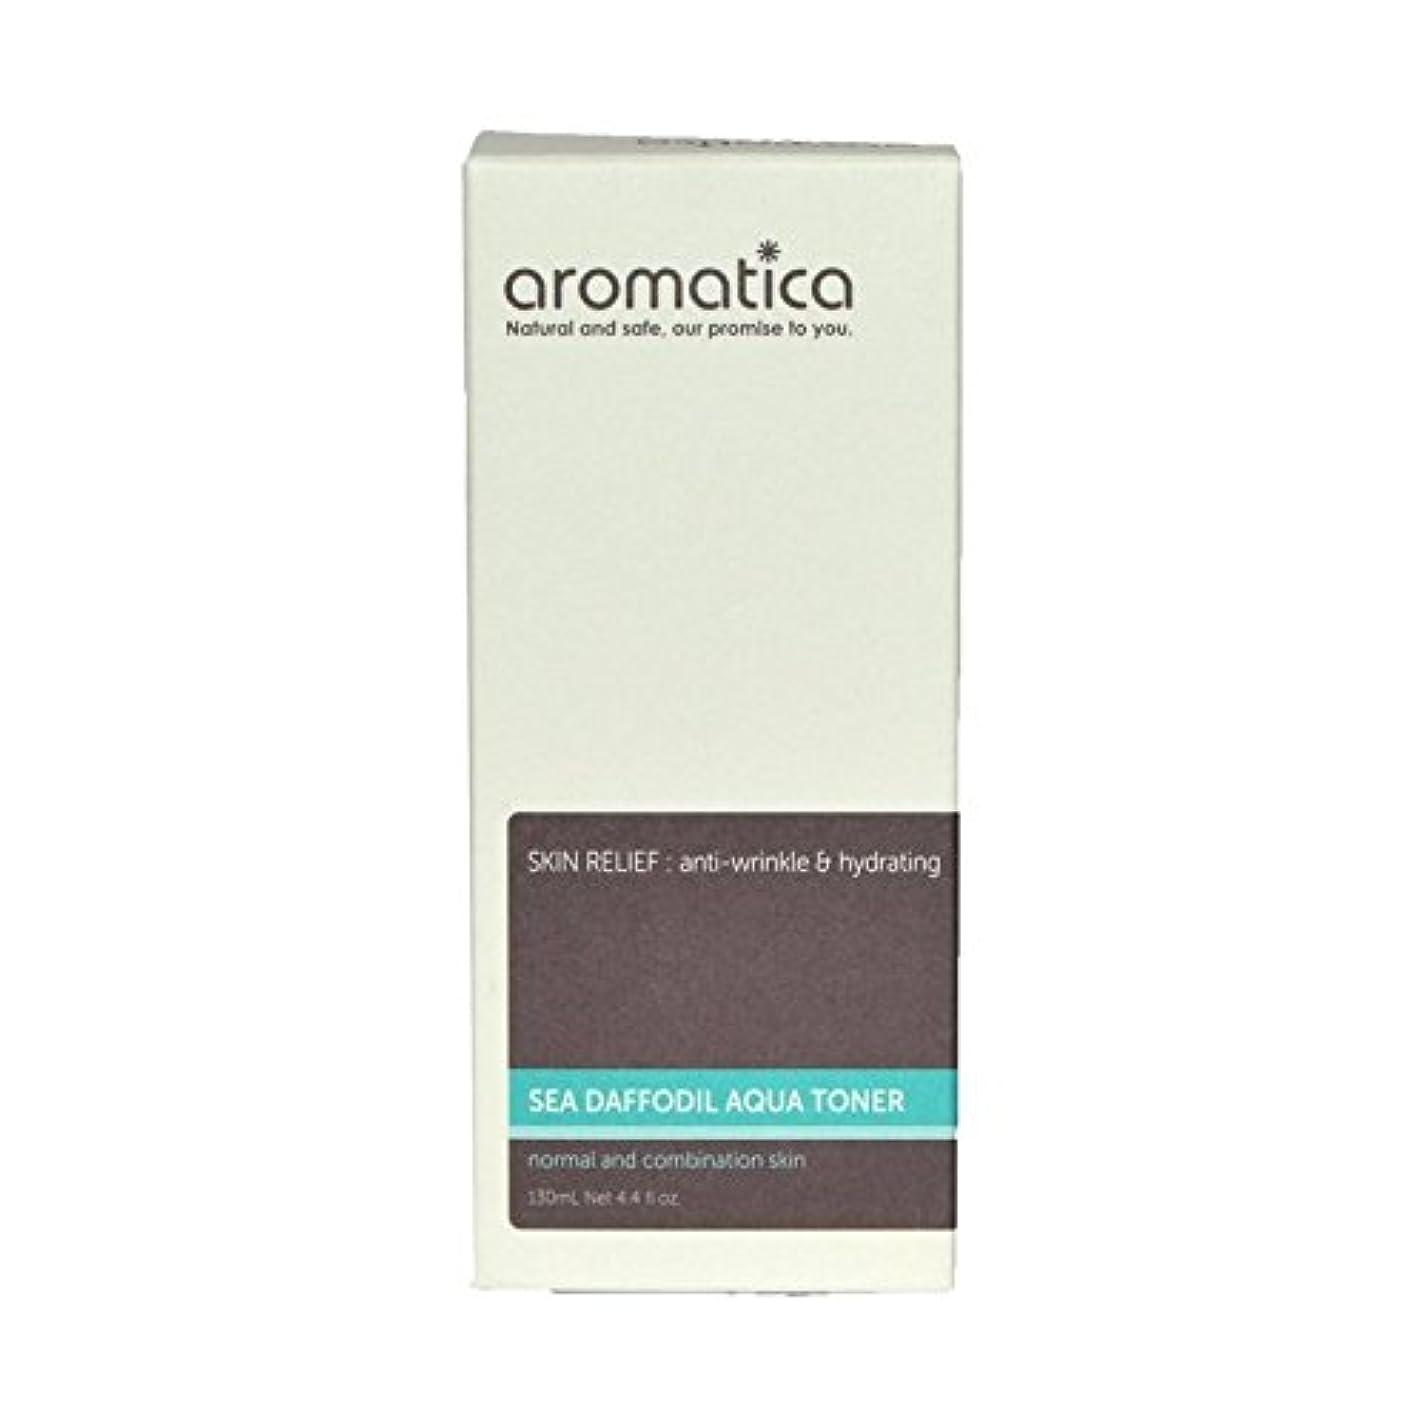 教育者満足相談海スイセンアクアトナー130ミリリットル x4 - aromatica Sea Daffodil Aqua Toner 130ml (Pack of 4) [並行輸入品]